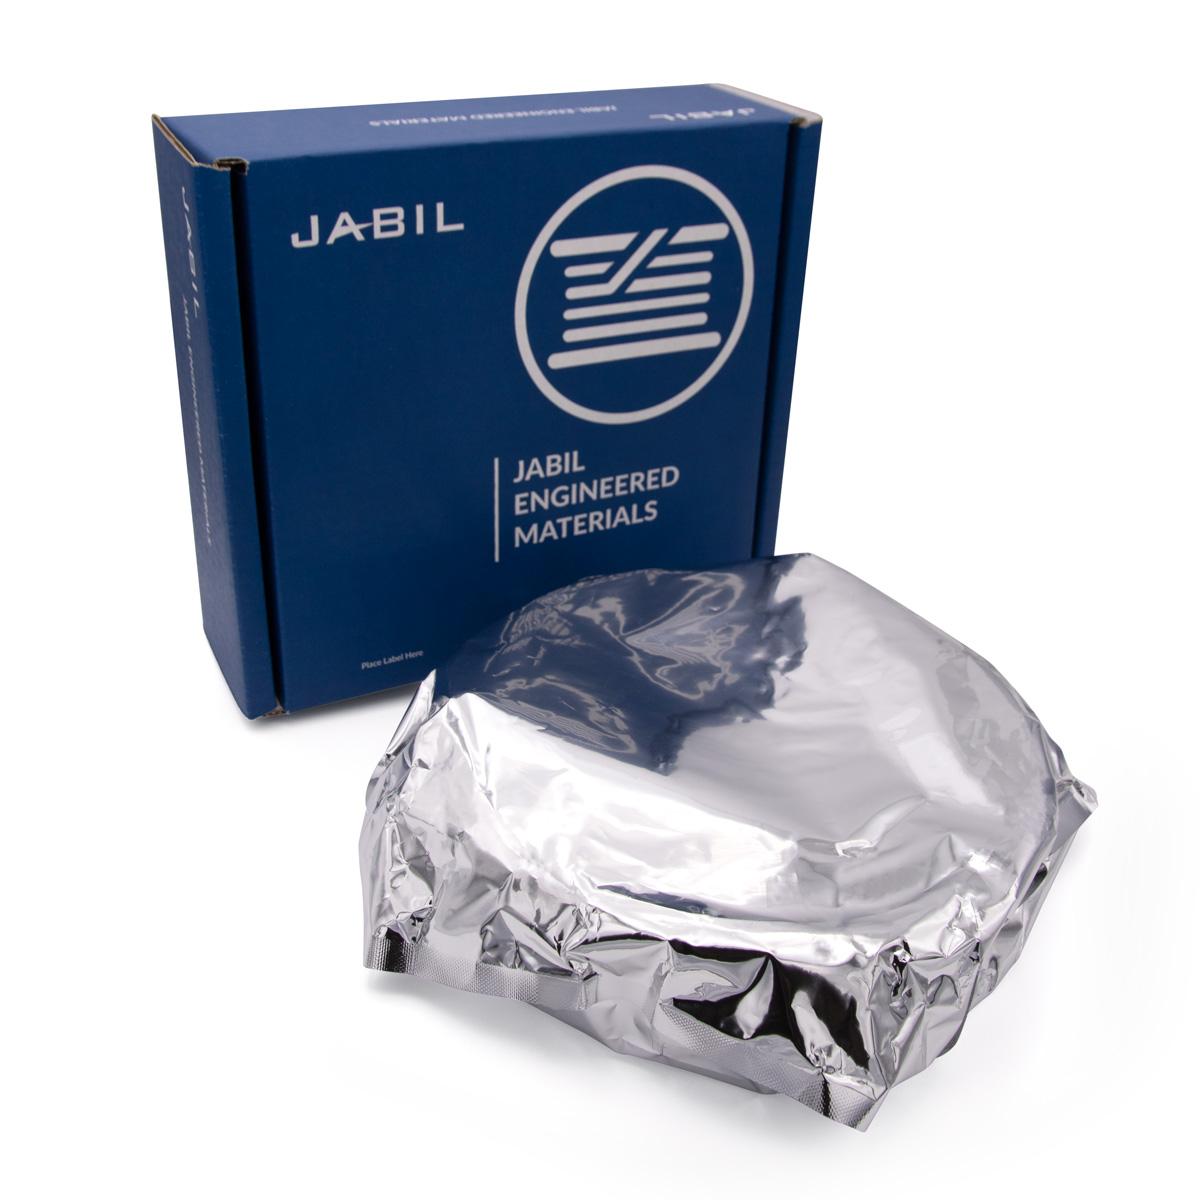 JABIL PA 4500 1.75 BLUE PACKAGING